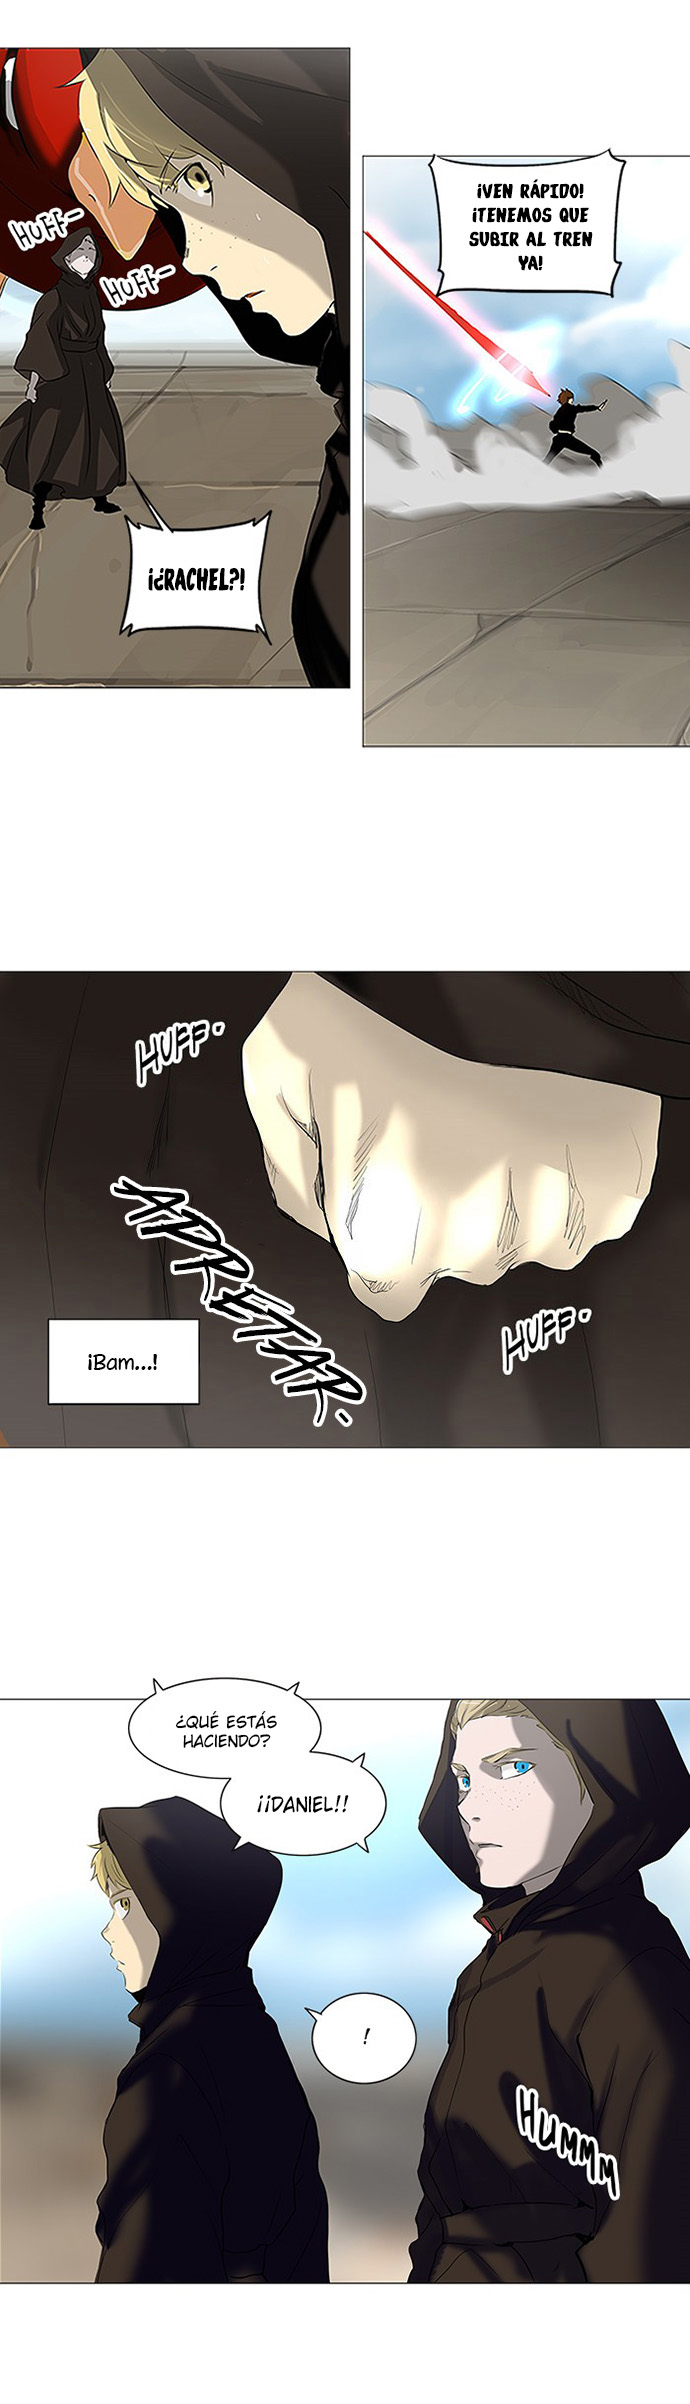 http://c5.ninemanga.com/es_manga/21/149/365457/e3826792969cafc67d6c3668de89ab20.jpg Page 3